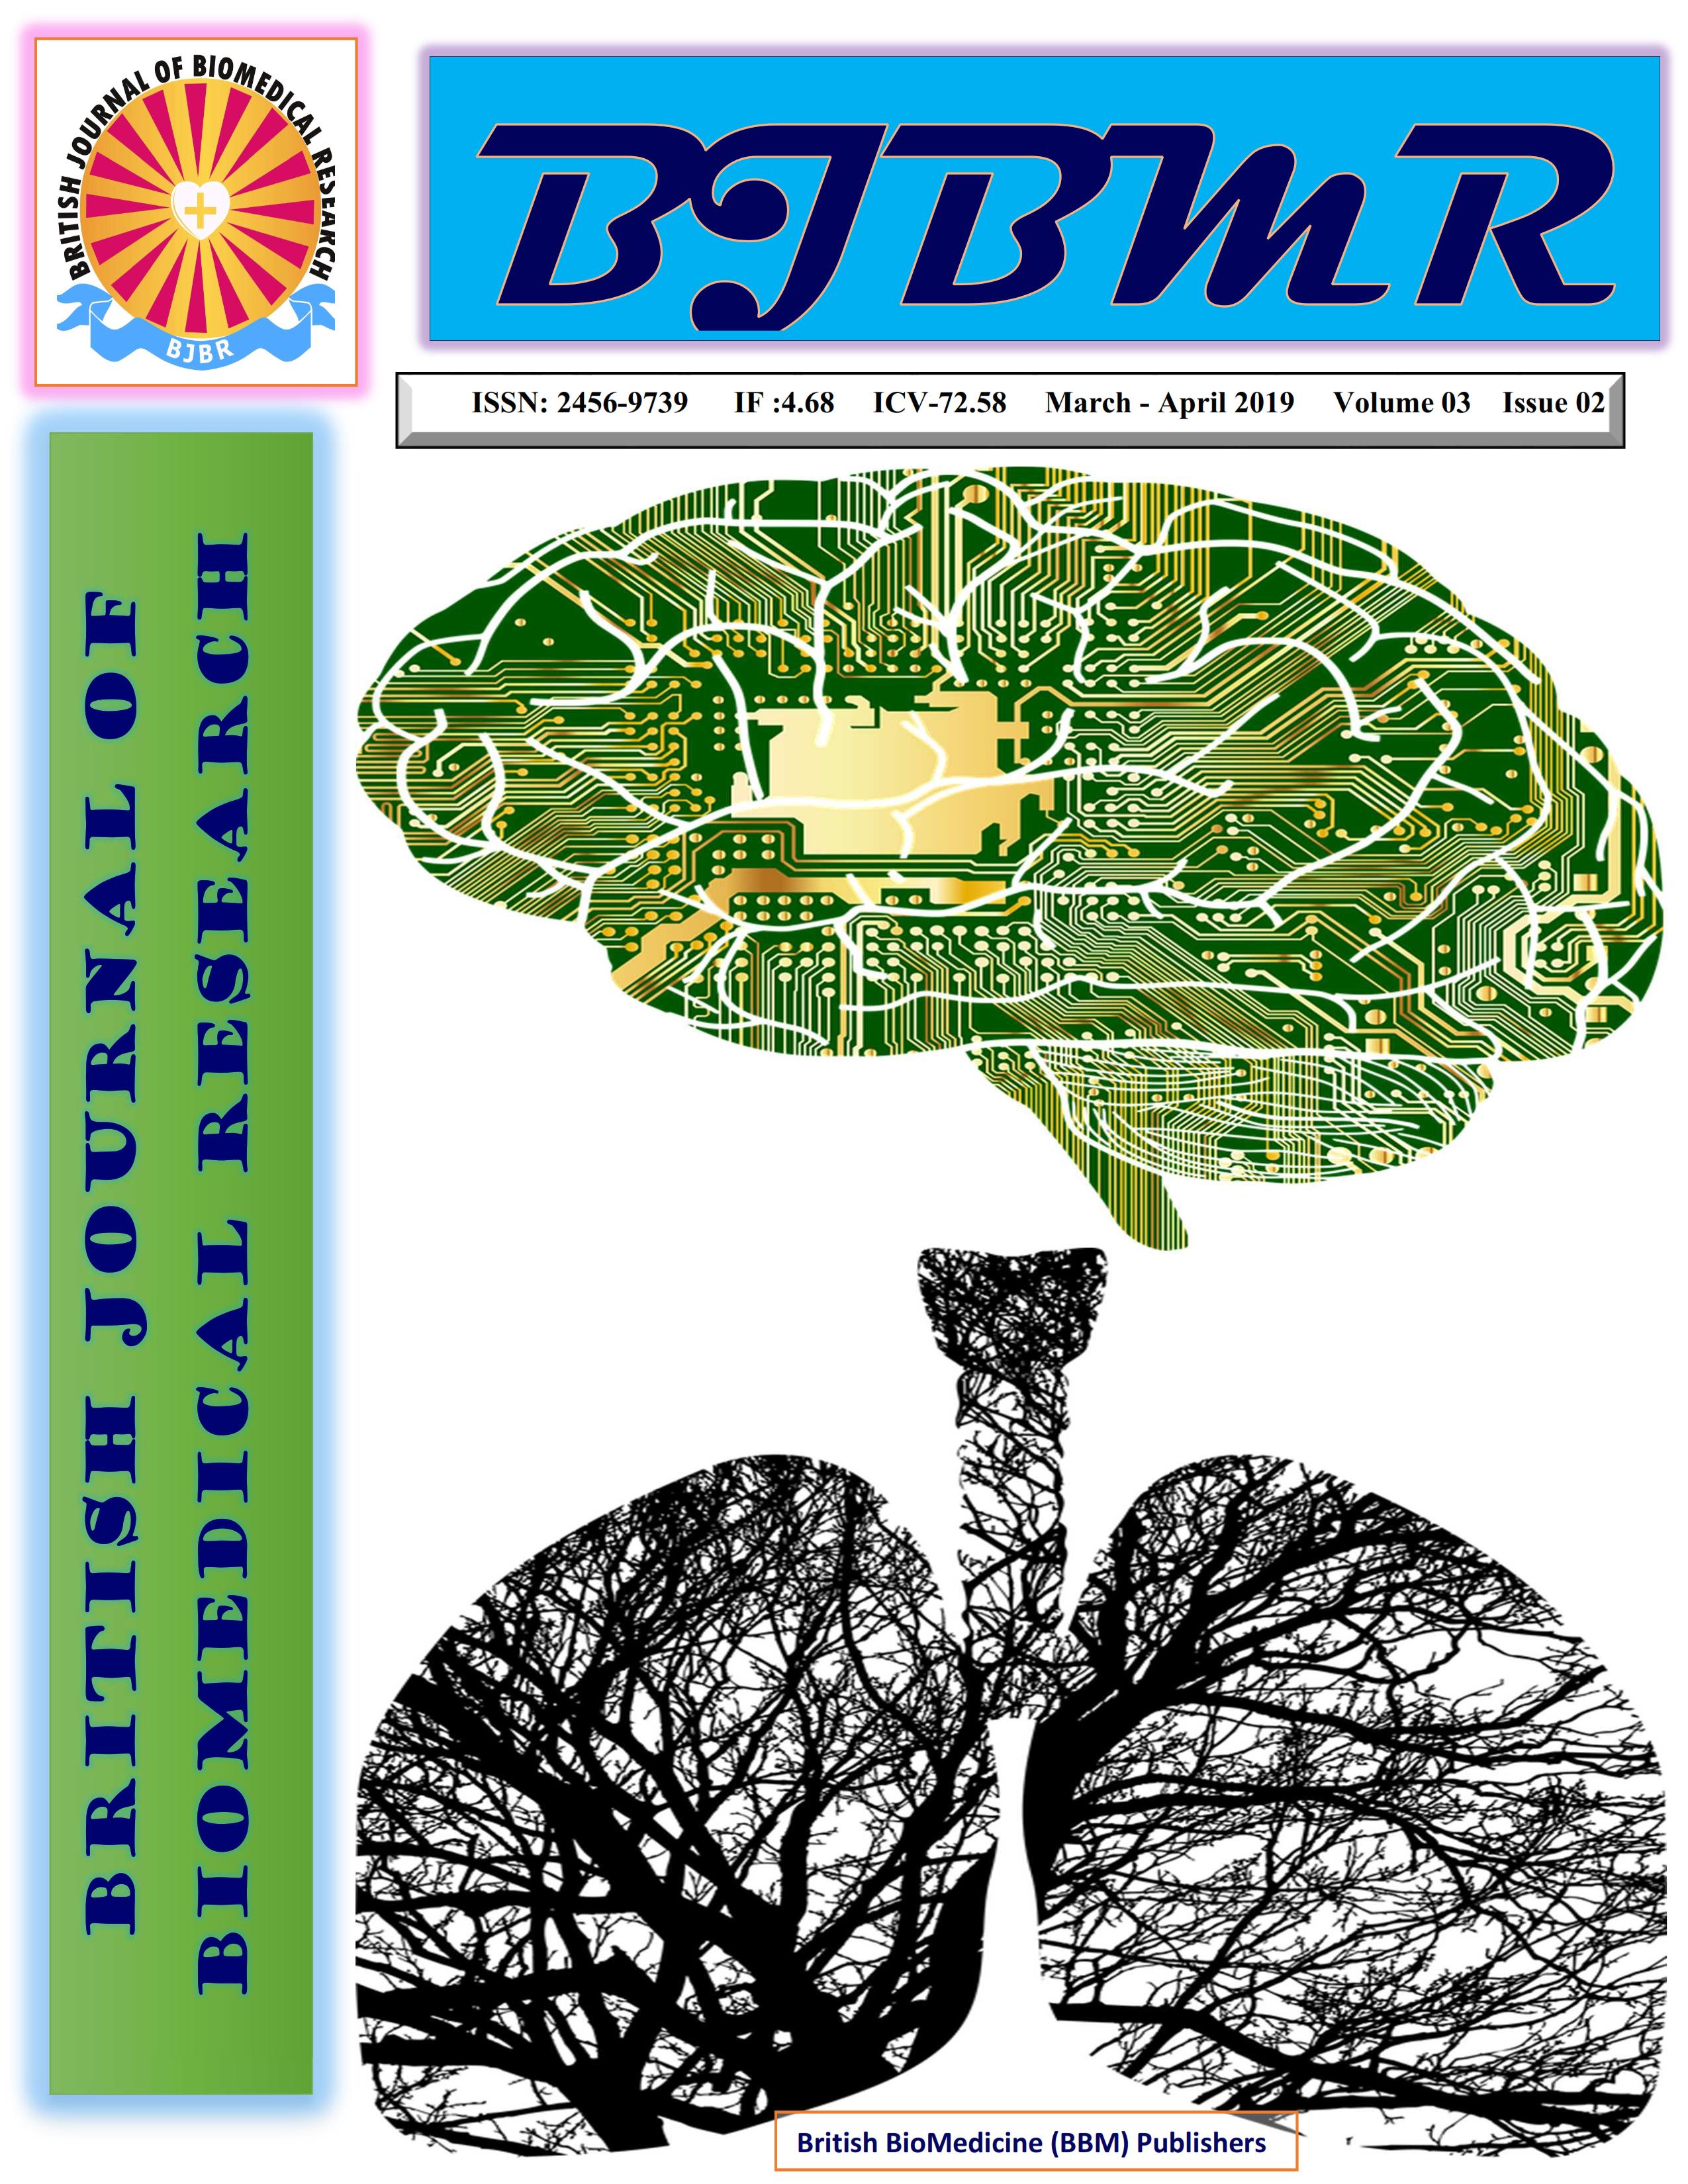 www.bjbmr.org